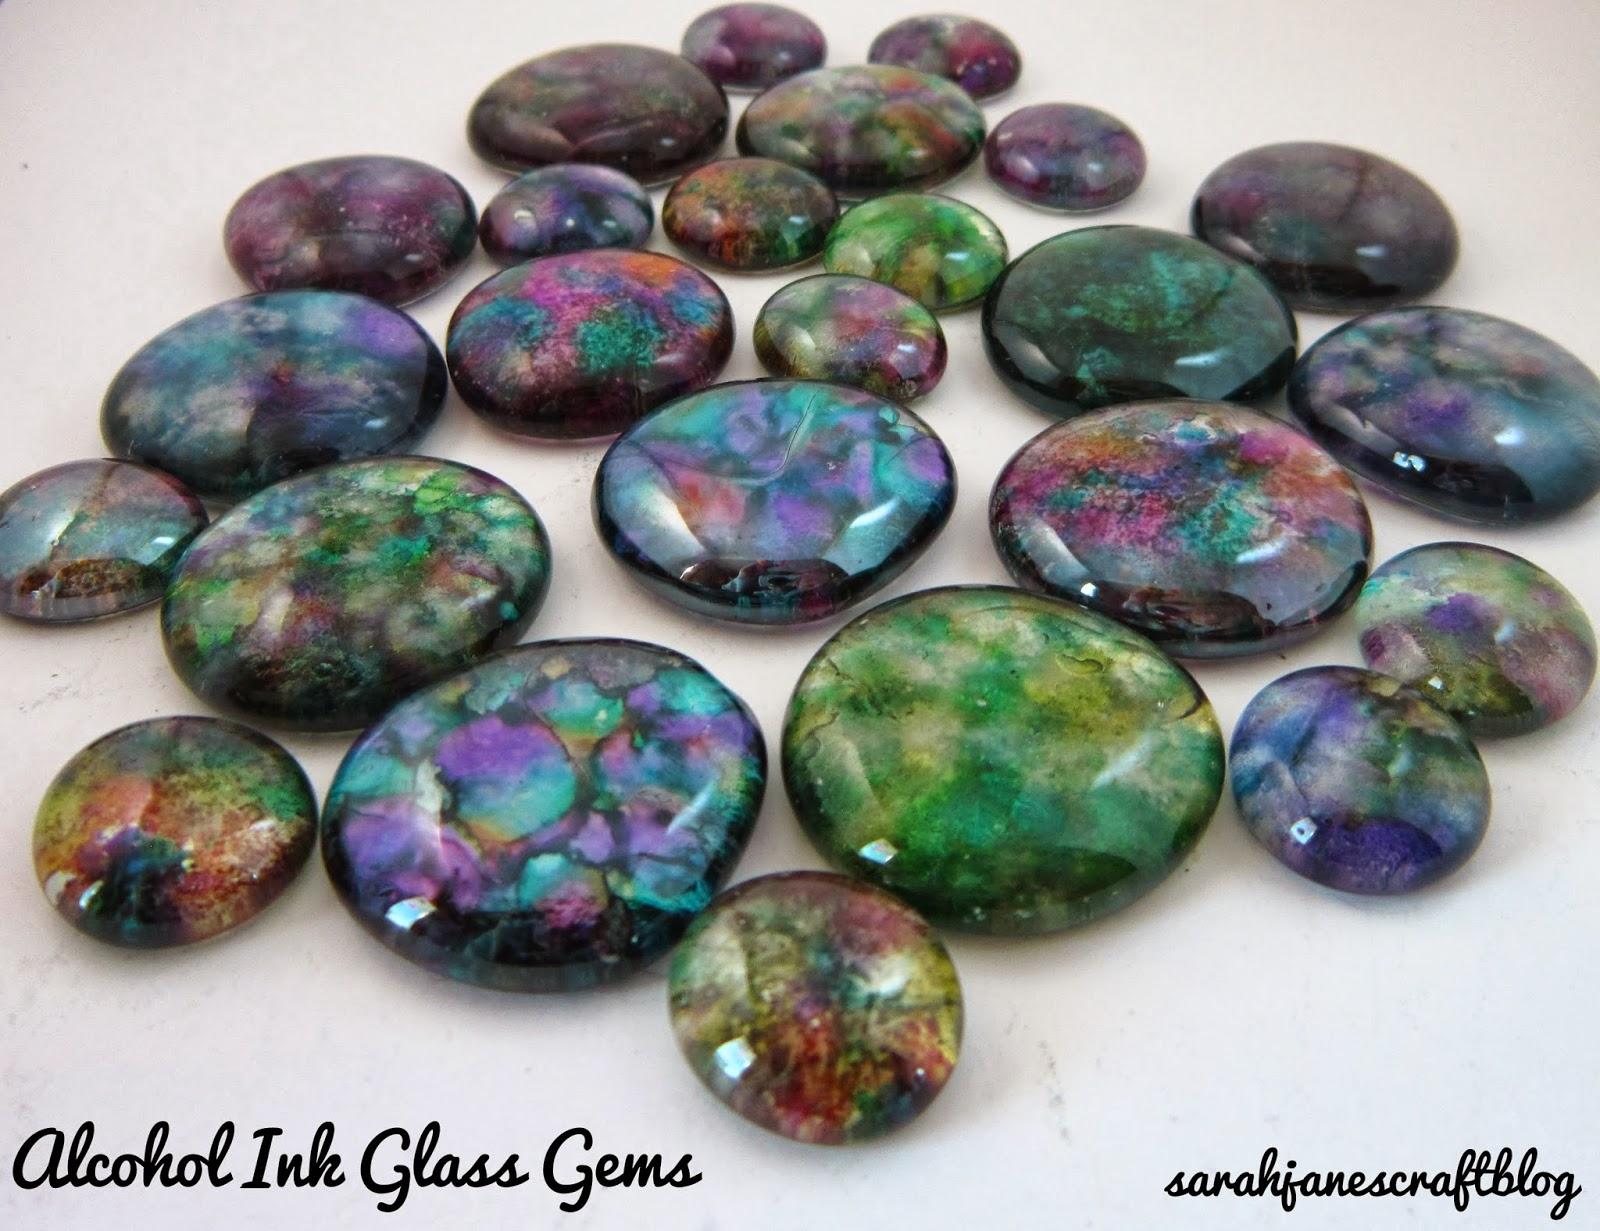 sarah jane s craft blog alcohol ink glass gems